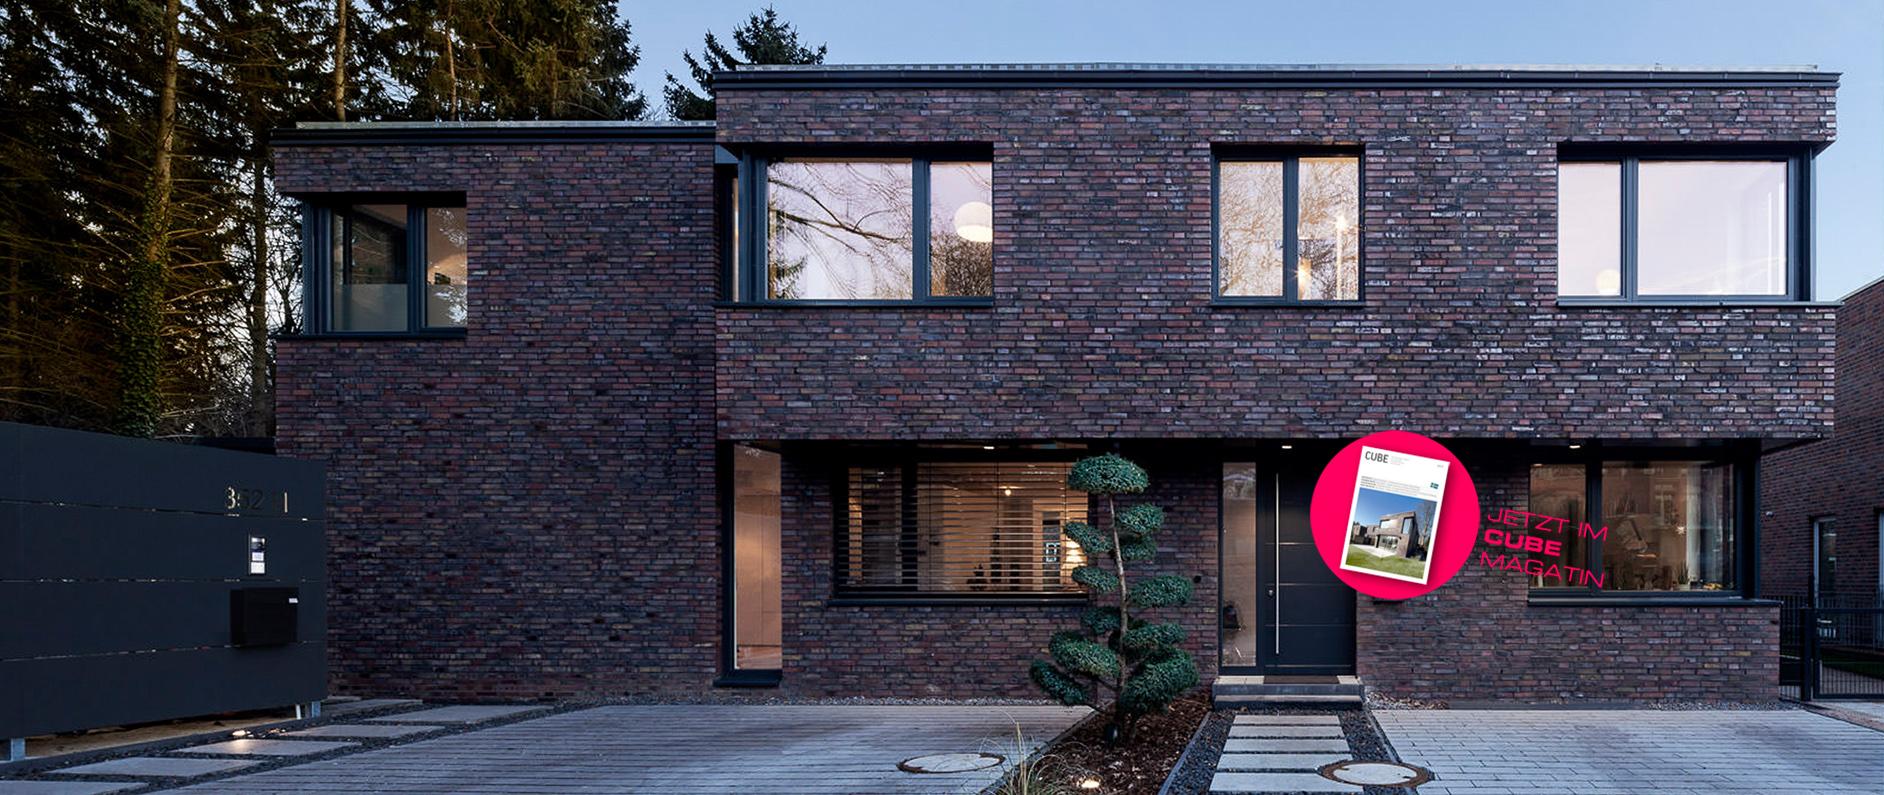 Neubau Wohnungsbau Hamburg